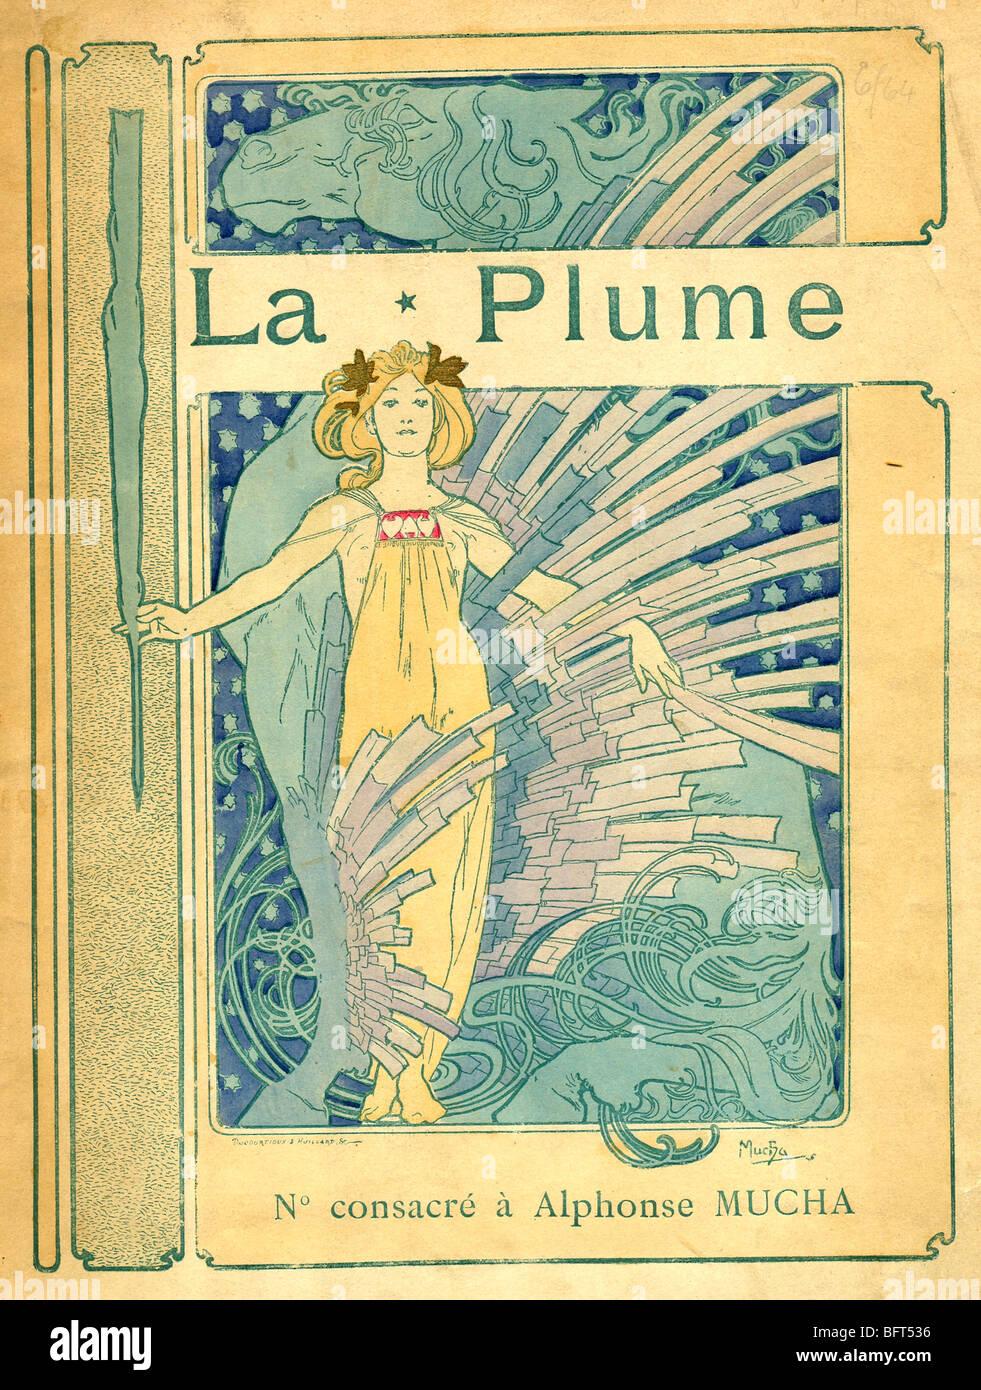 Coperchio per La Plume Alphonse Mucha et son Oeuvre Immagini Stock